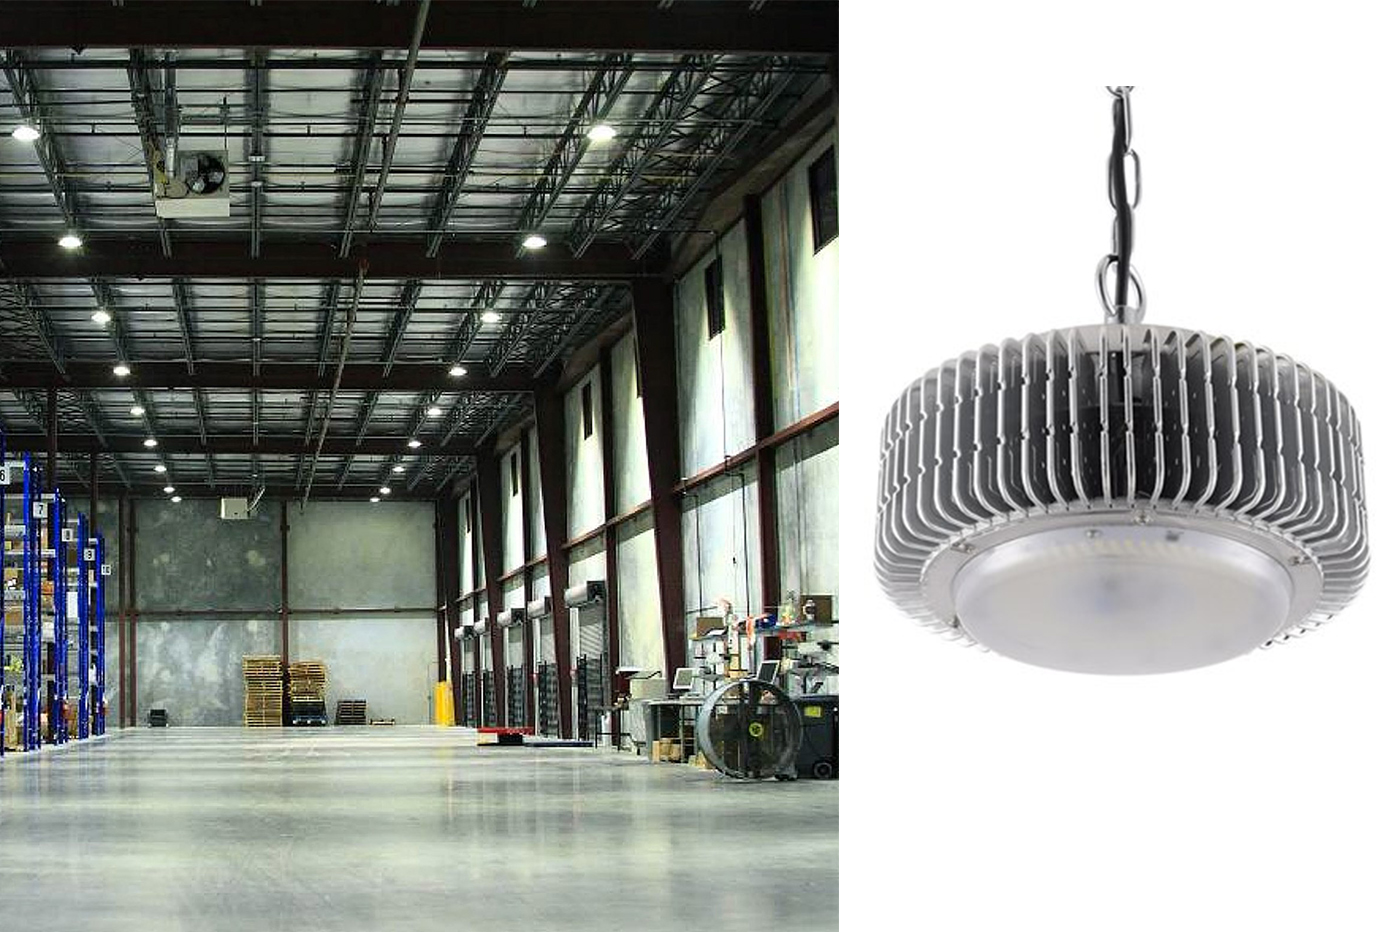 Bes 24953 illuminazione industriale beselettronica lampada a